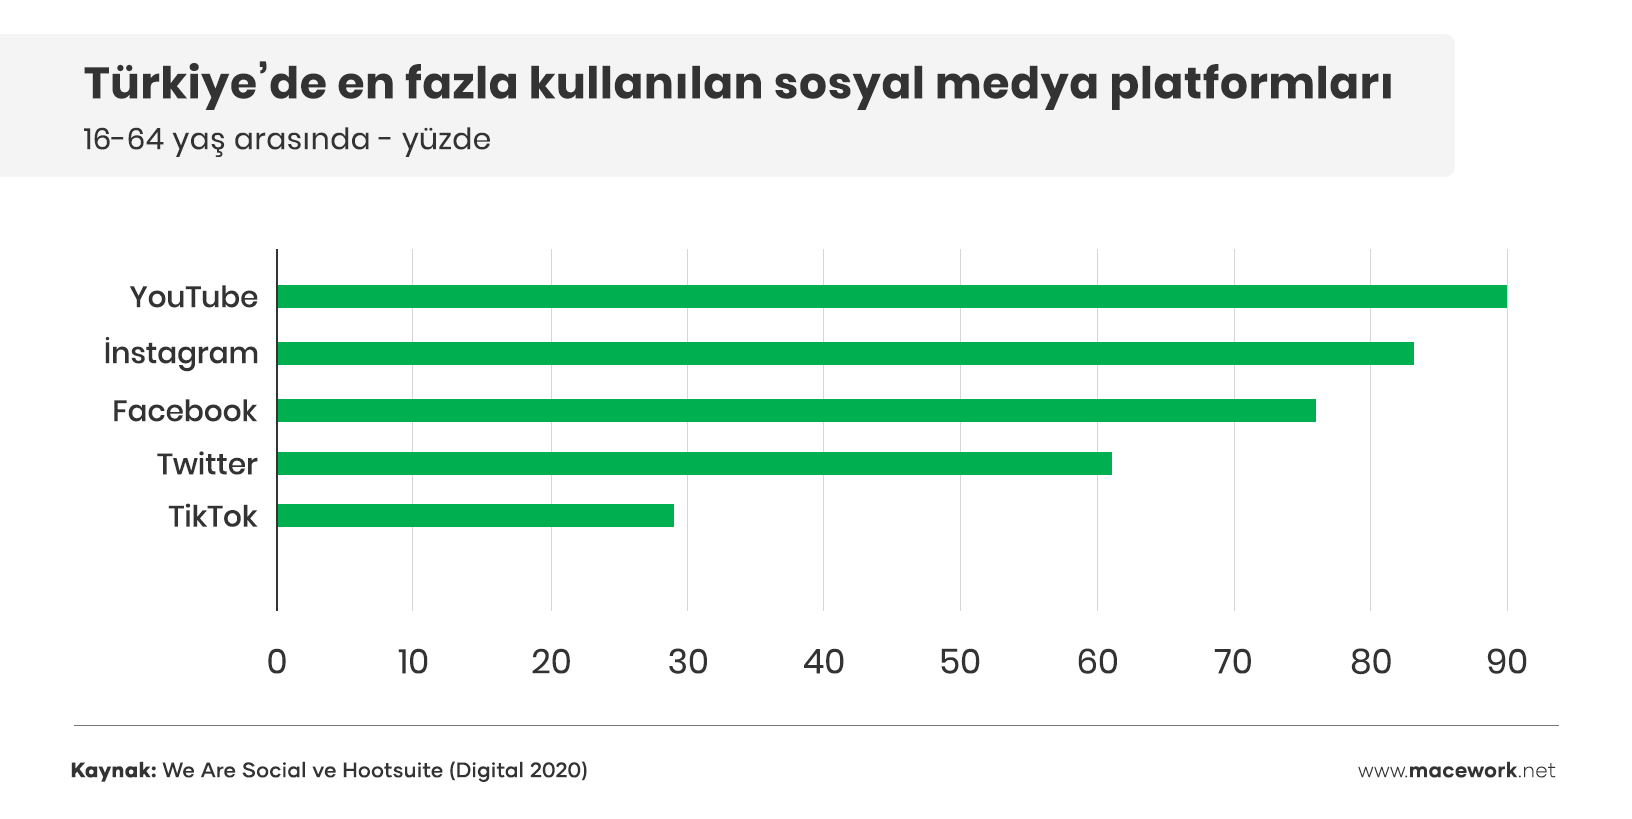 Türkiyede-en-fazla-kullanılan-sosyal-medya-platformları